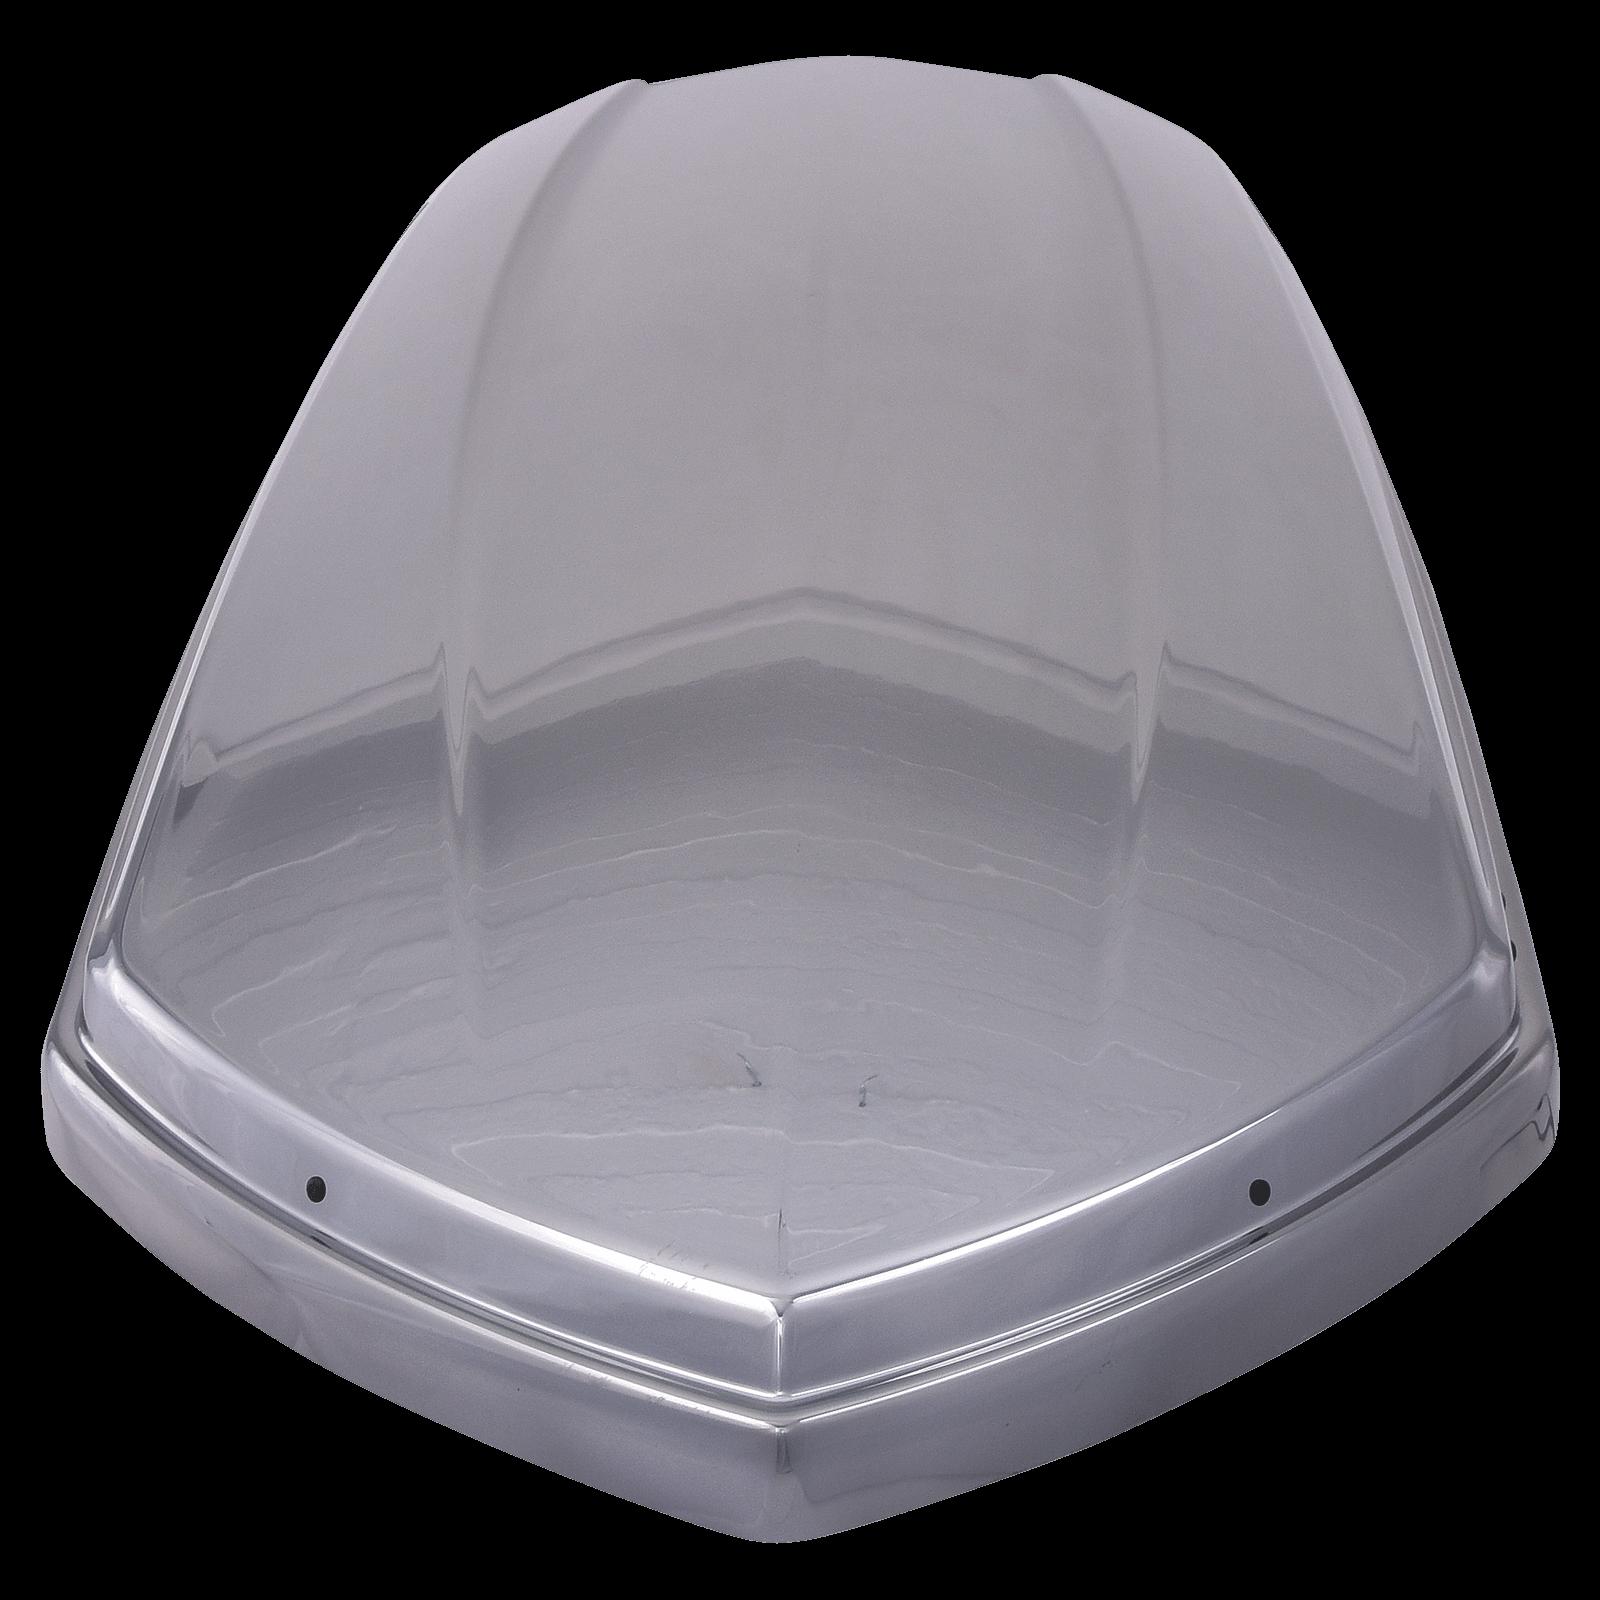 Dachbox Thule Dynamic 900 Chrome - Bild 3